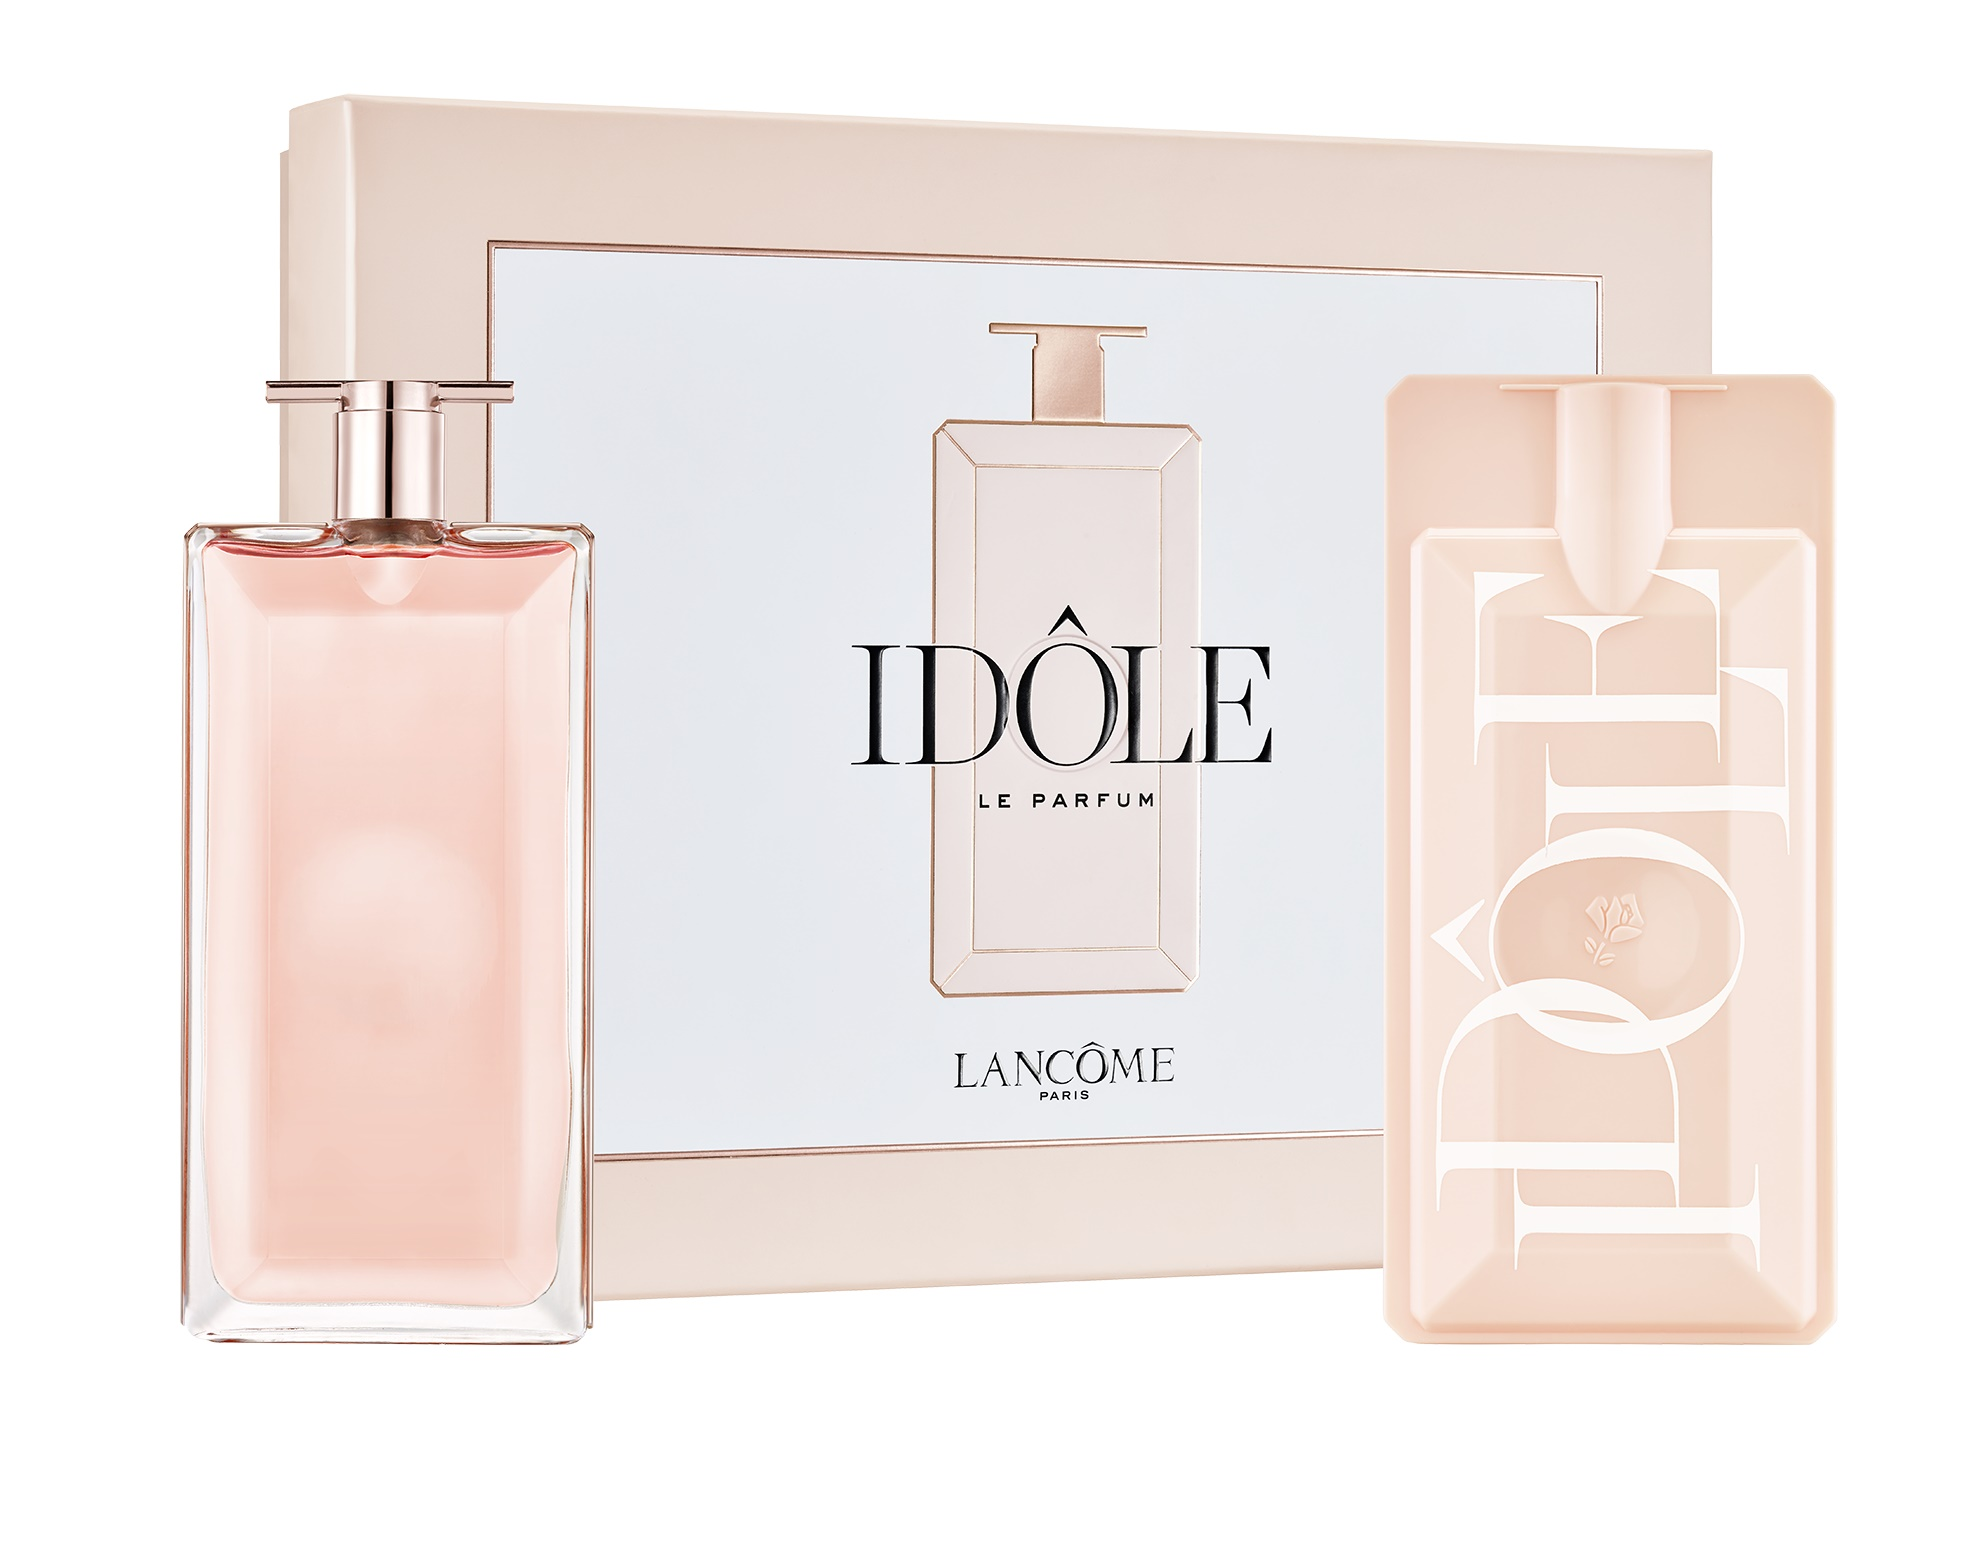 Lancôme Idôle viene en un estuche ideal para regalo. Adquiérelo a través de la aplicación Uva! Al hacer tu compra de productos Lancôme recibirás un regalo valorado en hasta $136 y podrás enviarlo gratis directamente a mamá. Esta promoción es válida hasta el 8 de mayo de 2020 o mientras duren. (Suministrada)